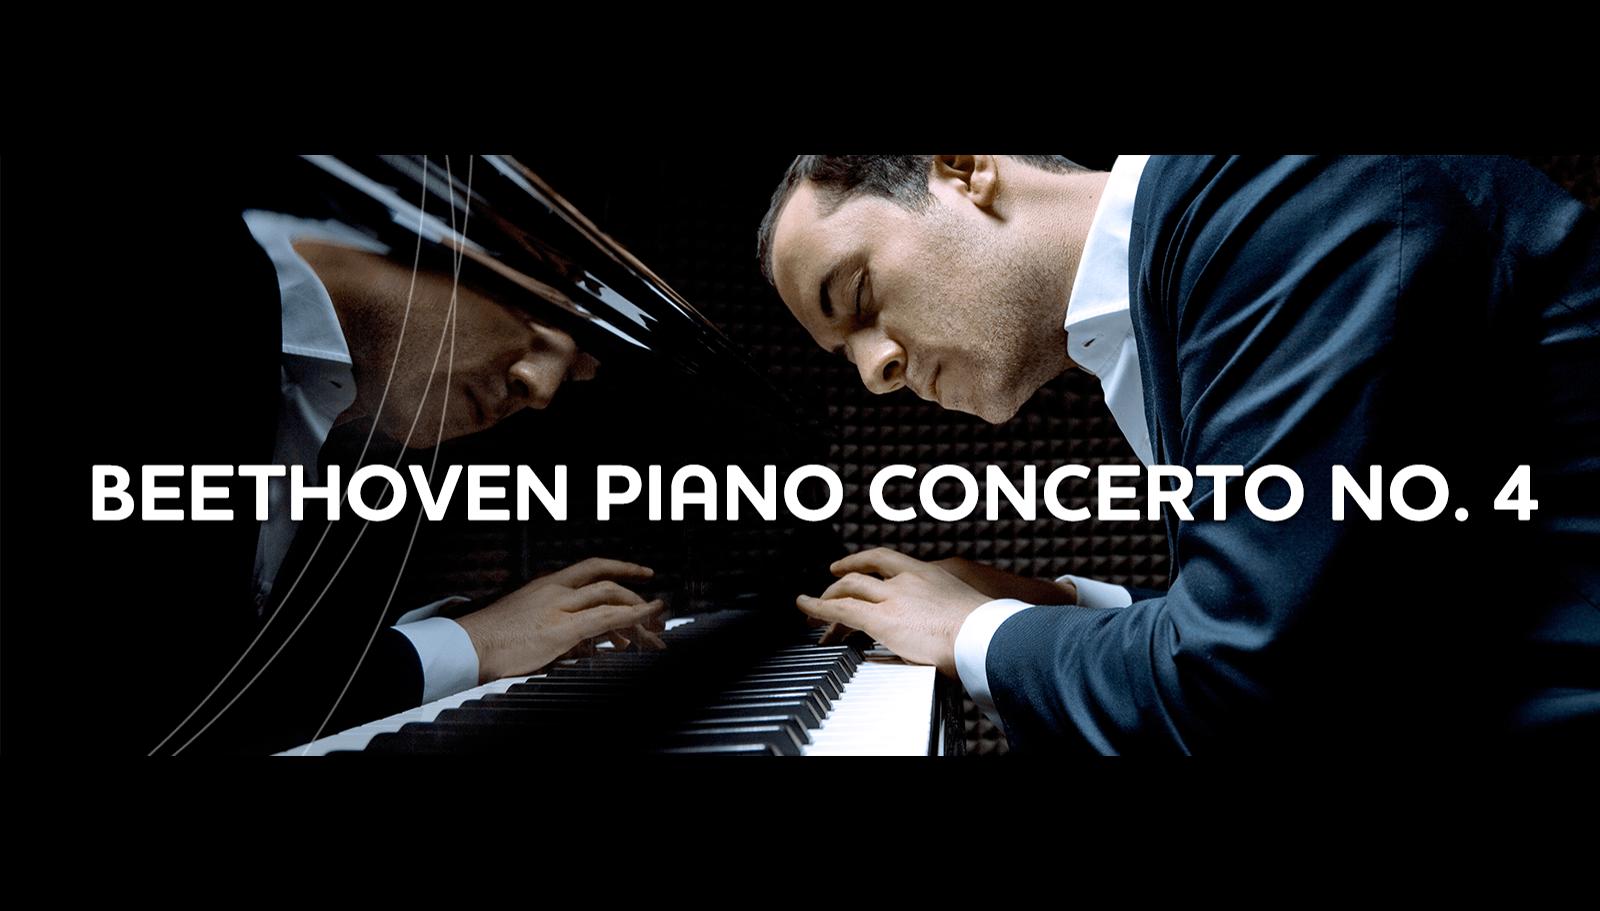 BeethovenPianoConcert650x370.png